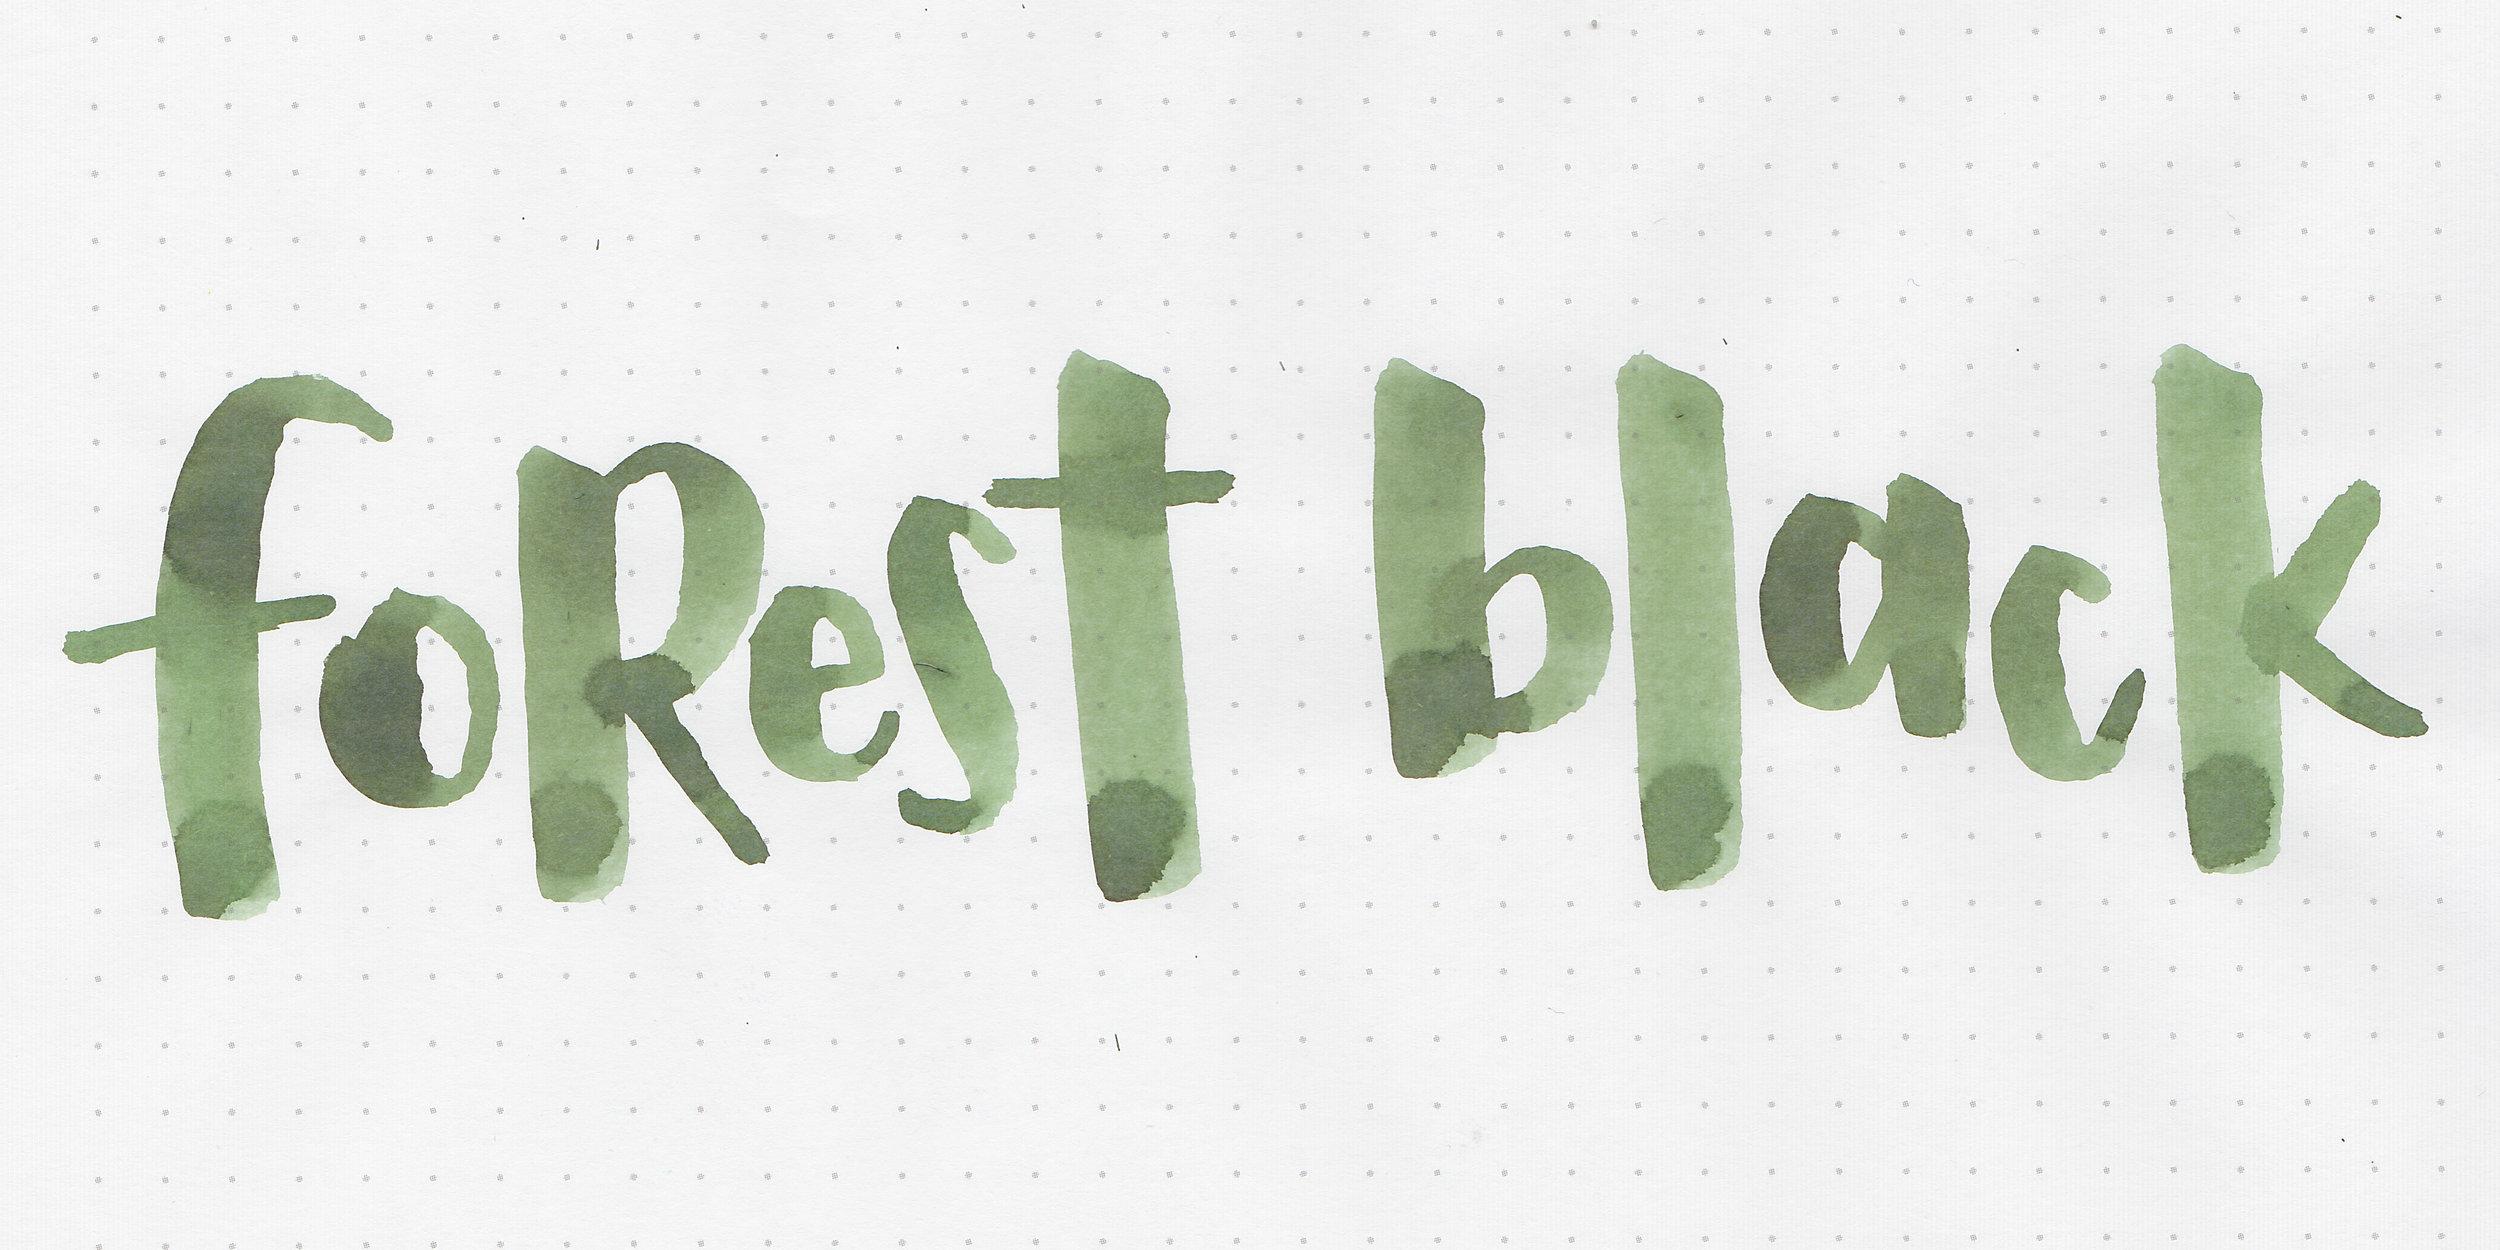 pl-forest-black-2.jpg